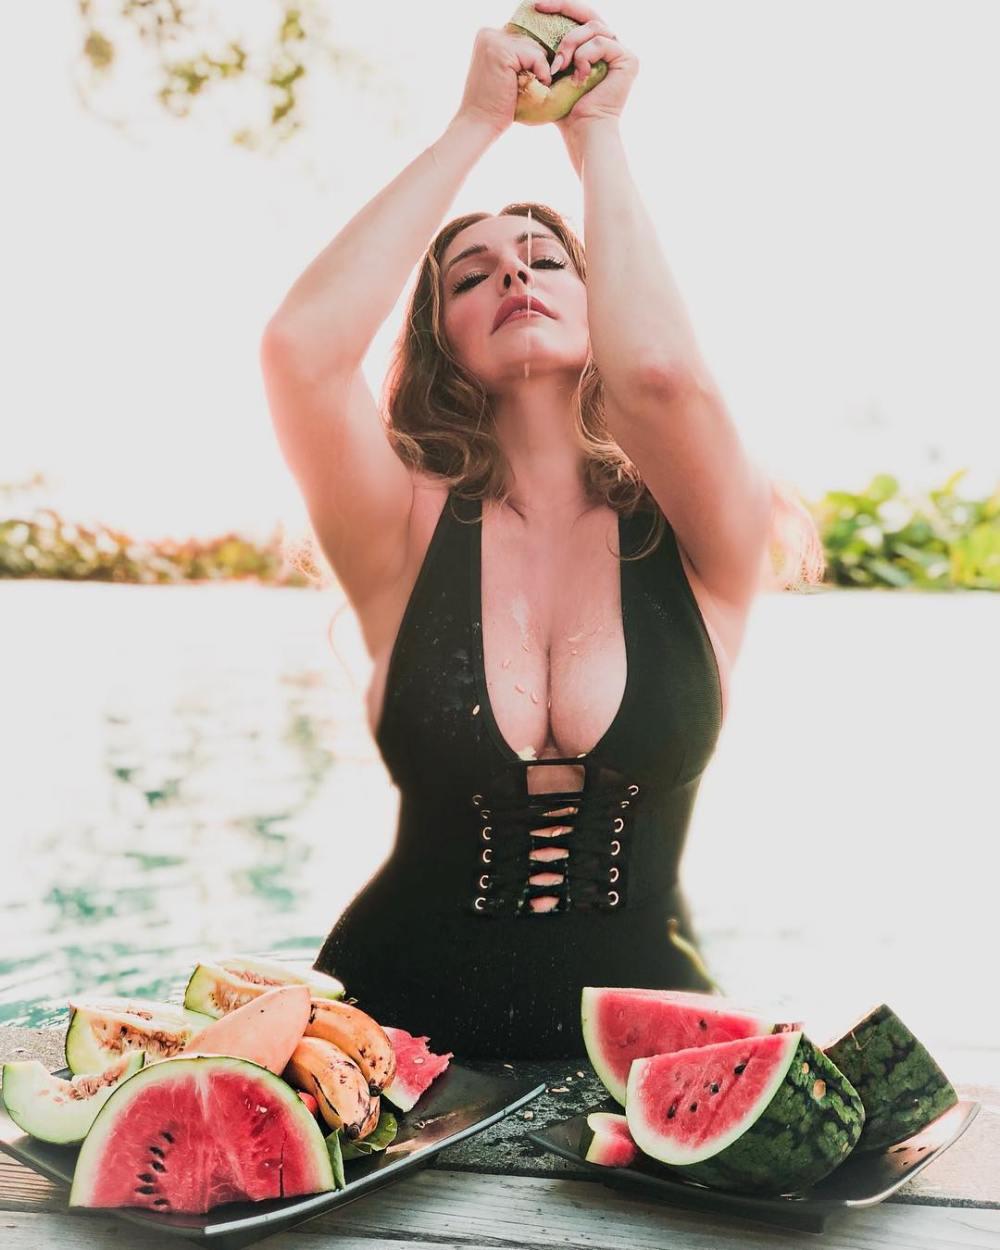 У этой женщины самое красивое тело в мире — доказано наукой